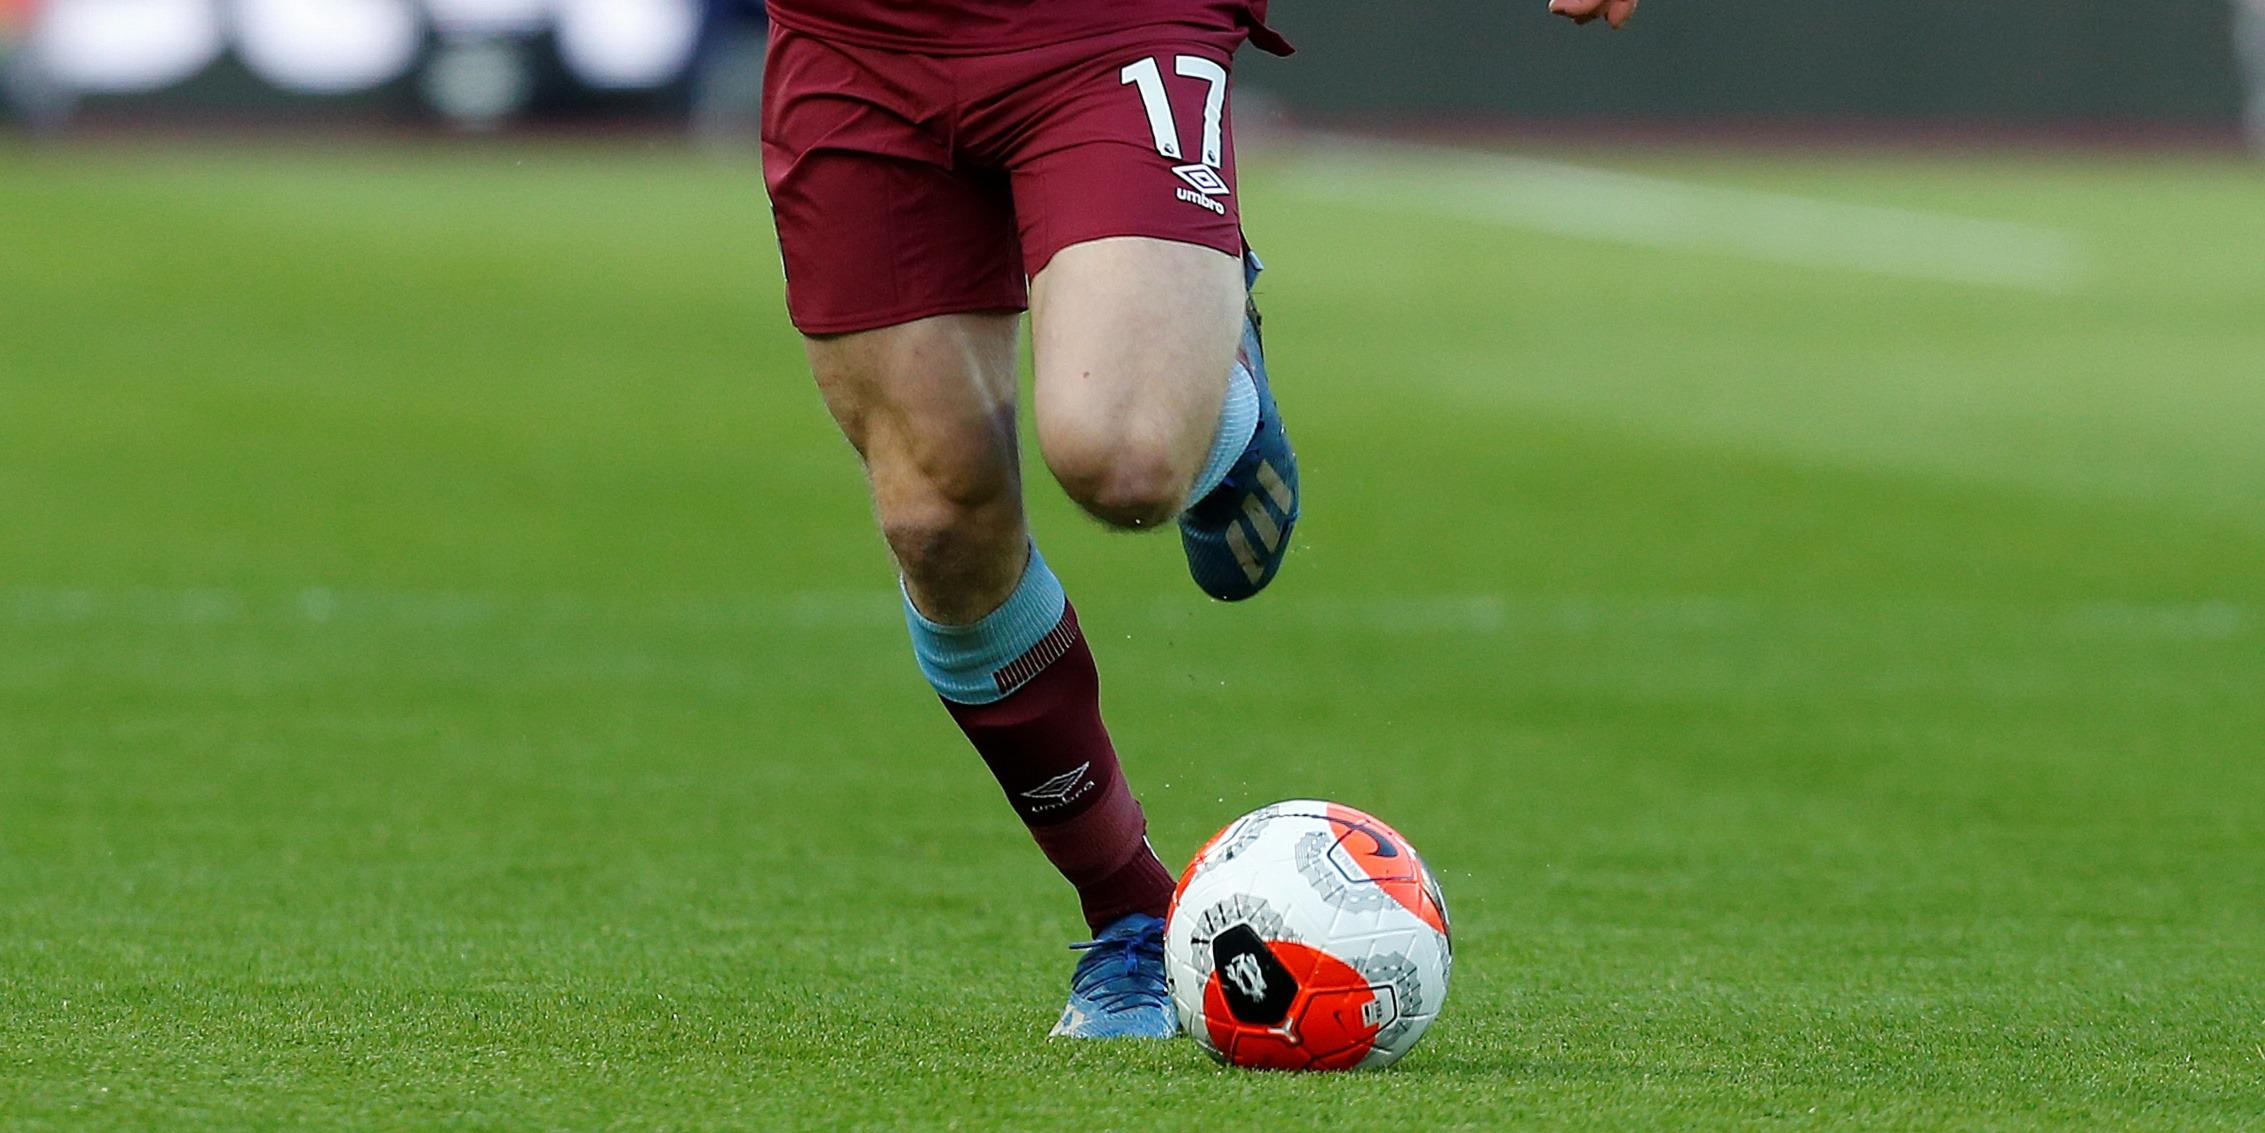 Royaume-Uni : le gouvernement autorise la reprise des compétitions sportives